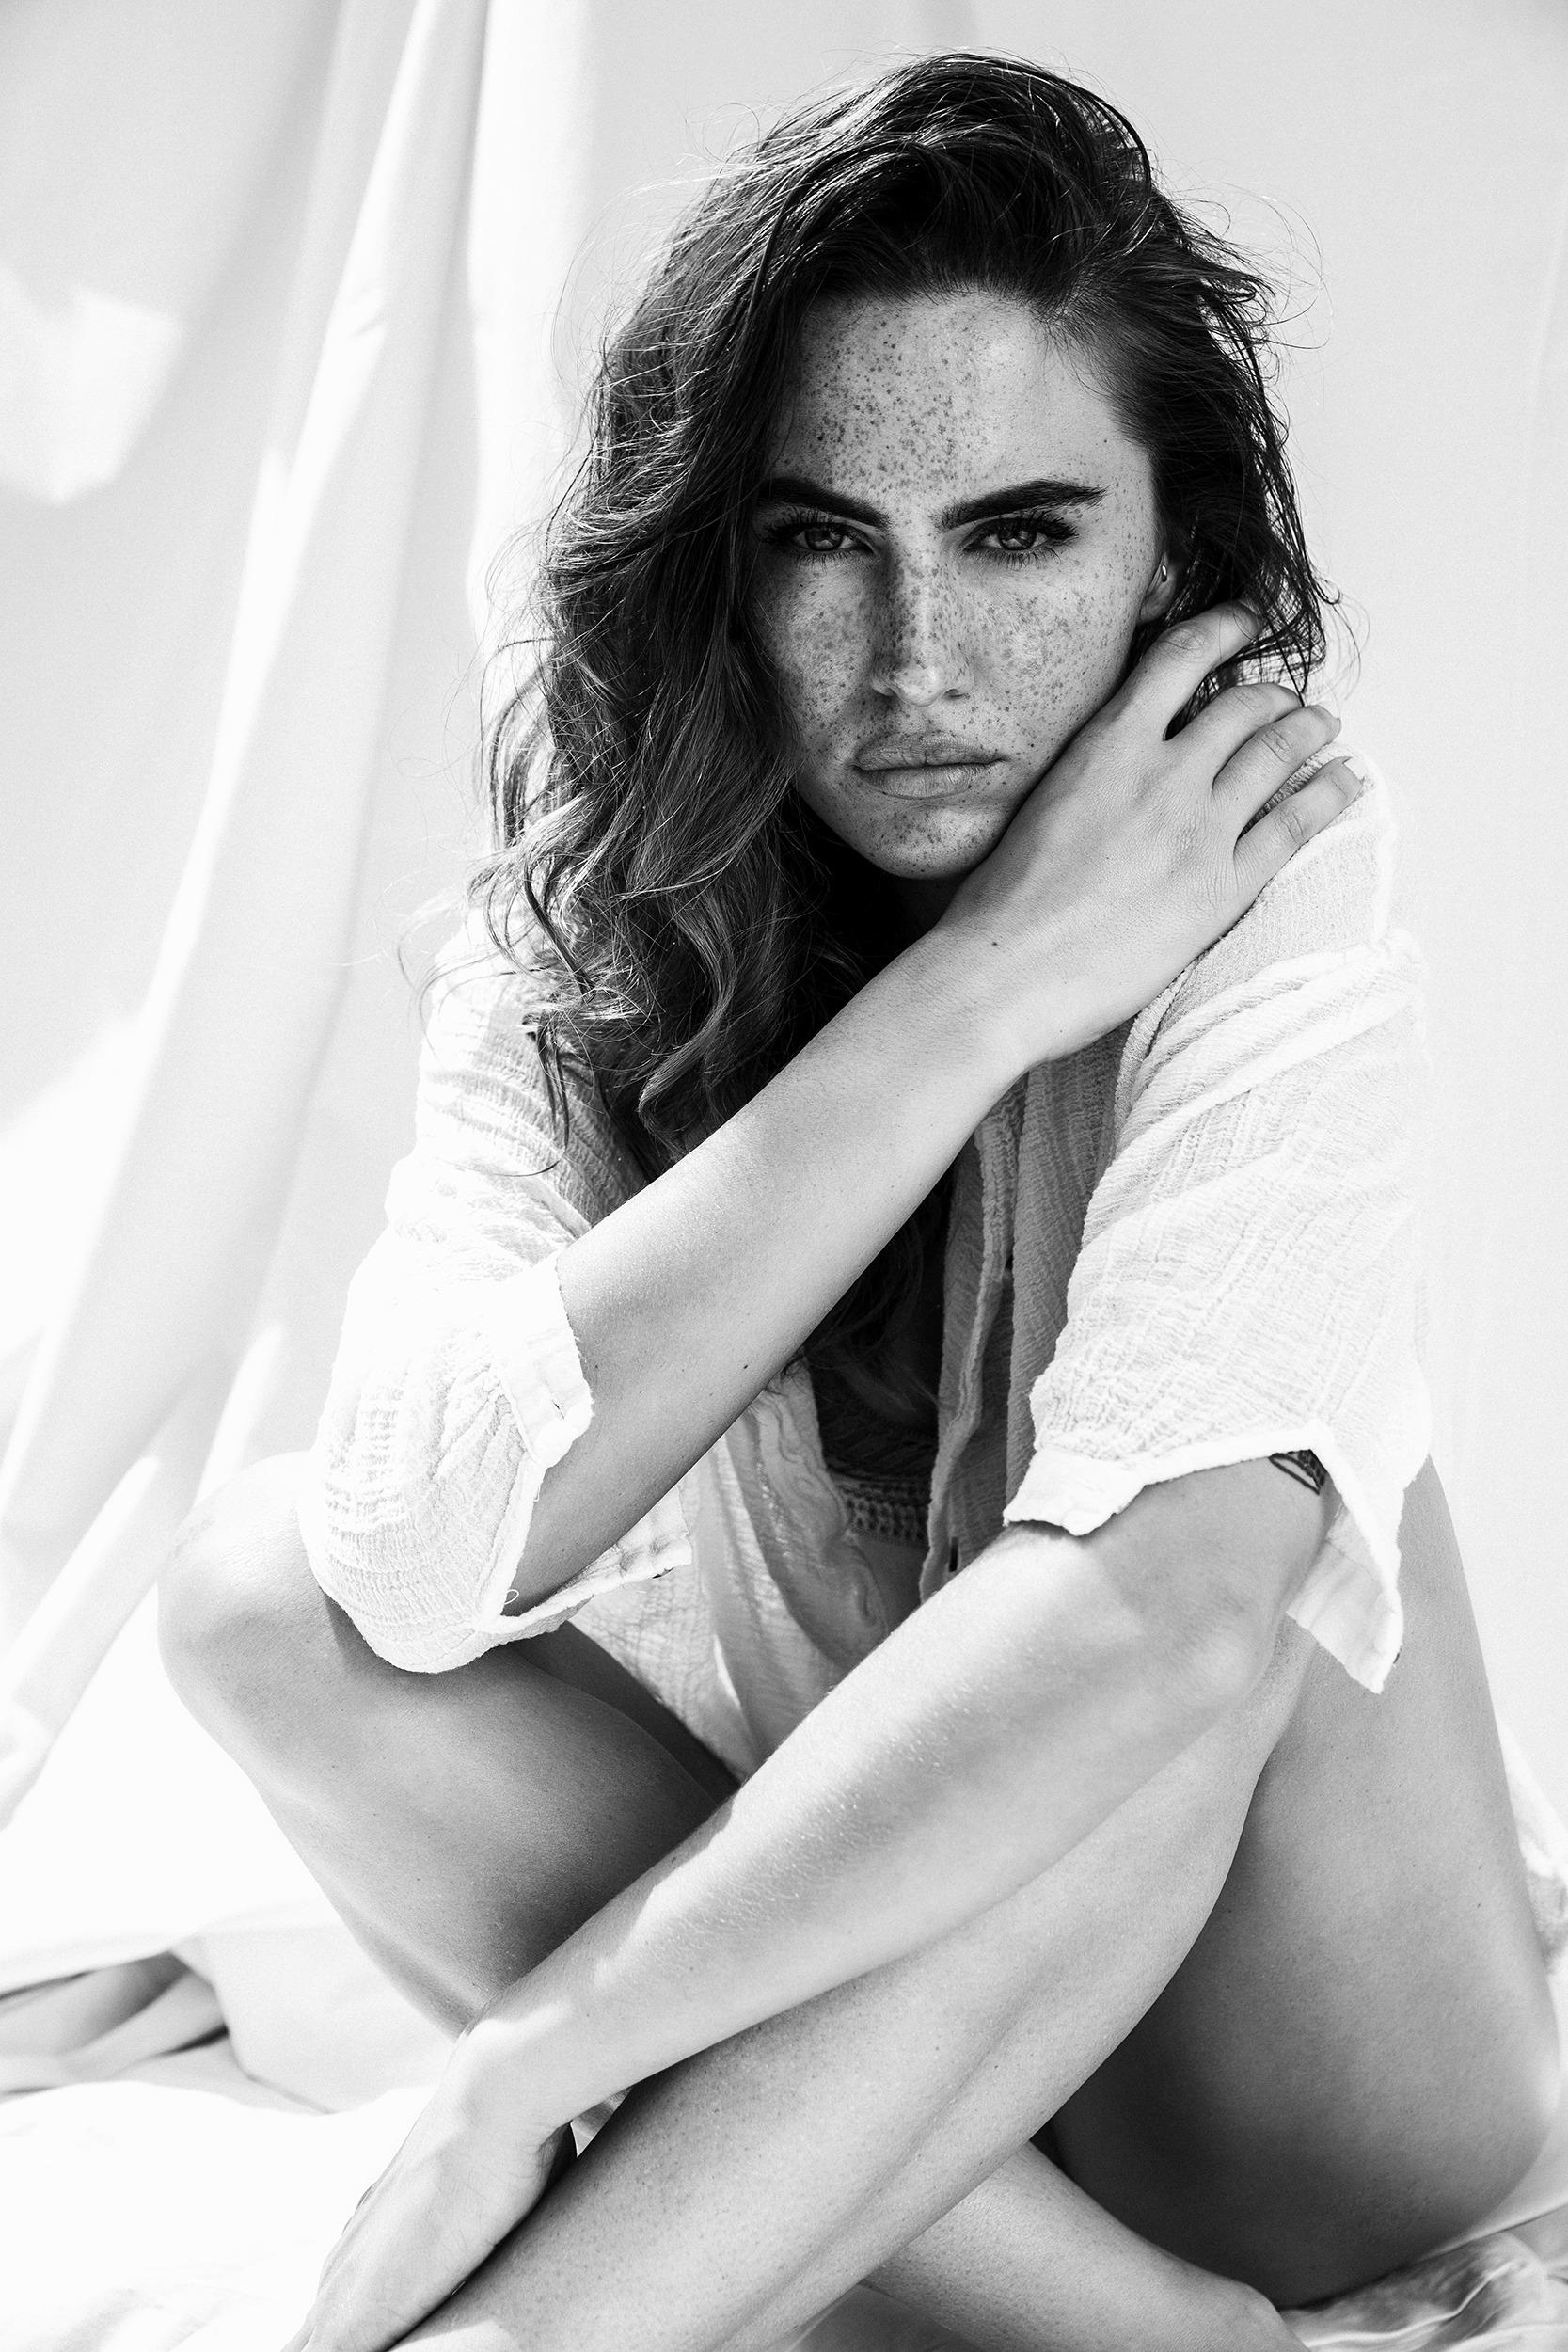 Sanda Gutic